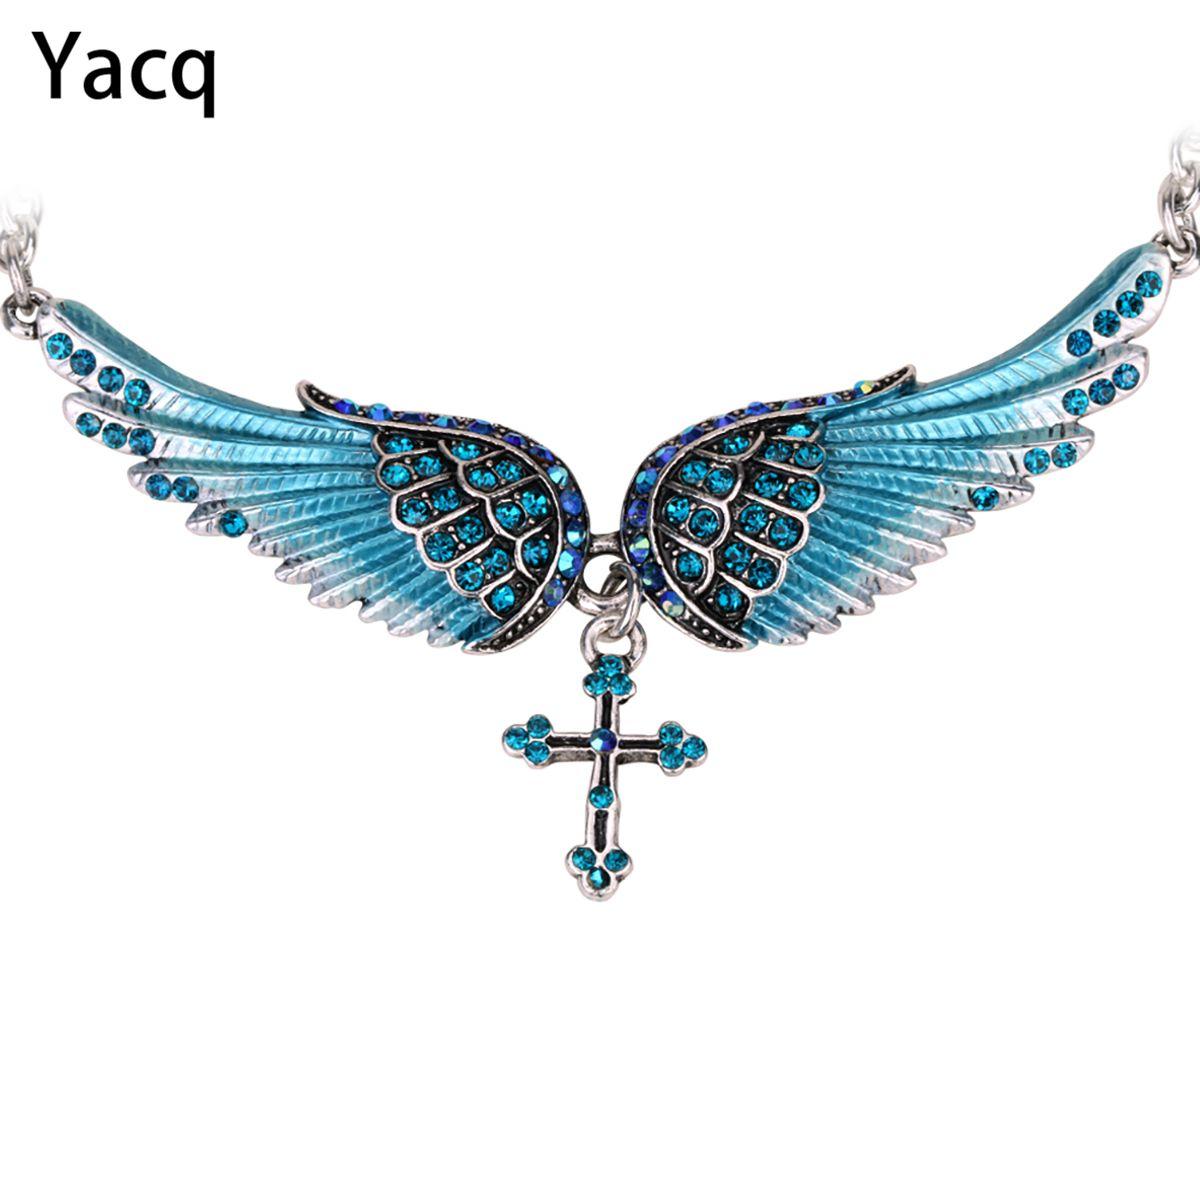 YACQ Ange Aile Croix Collier Ras Du Cou Gardien Femmes Motard Bijoux En Cristal Cadeaux Sa Fille Argent Couleur NC01 livraison directe (18 + 2)